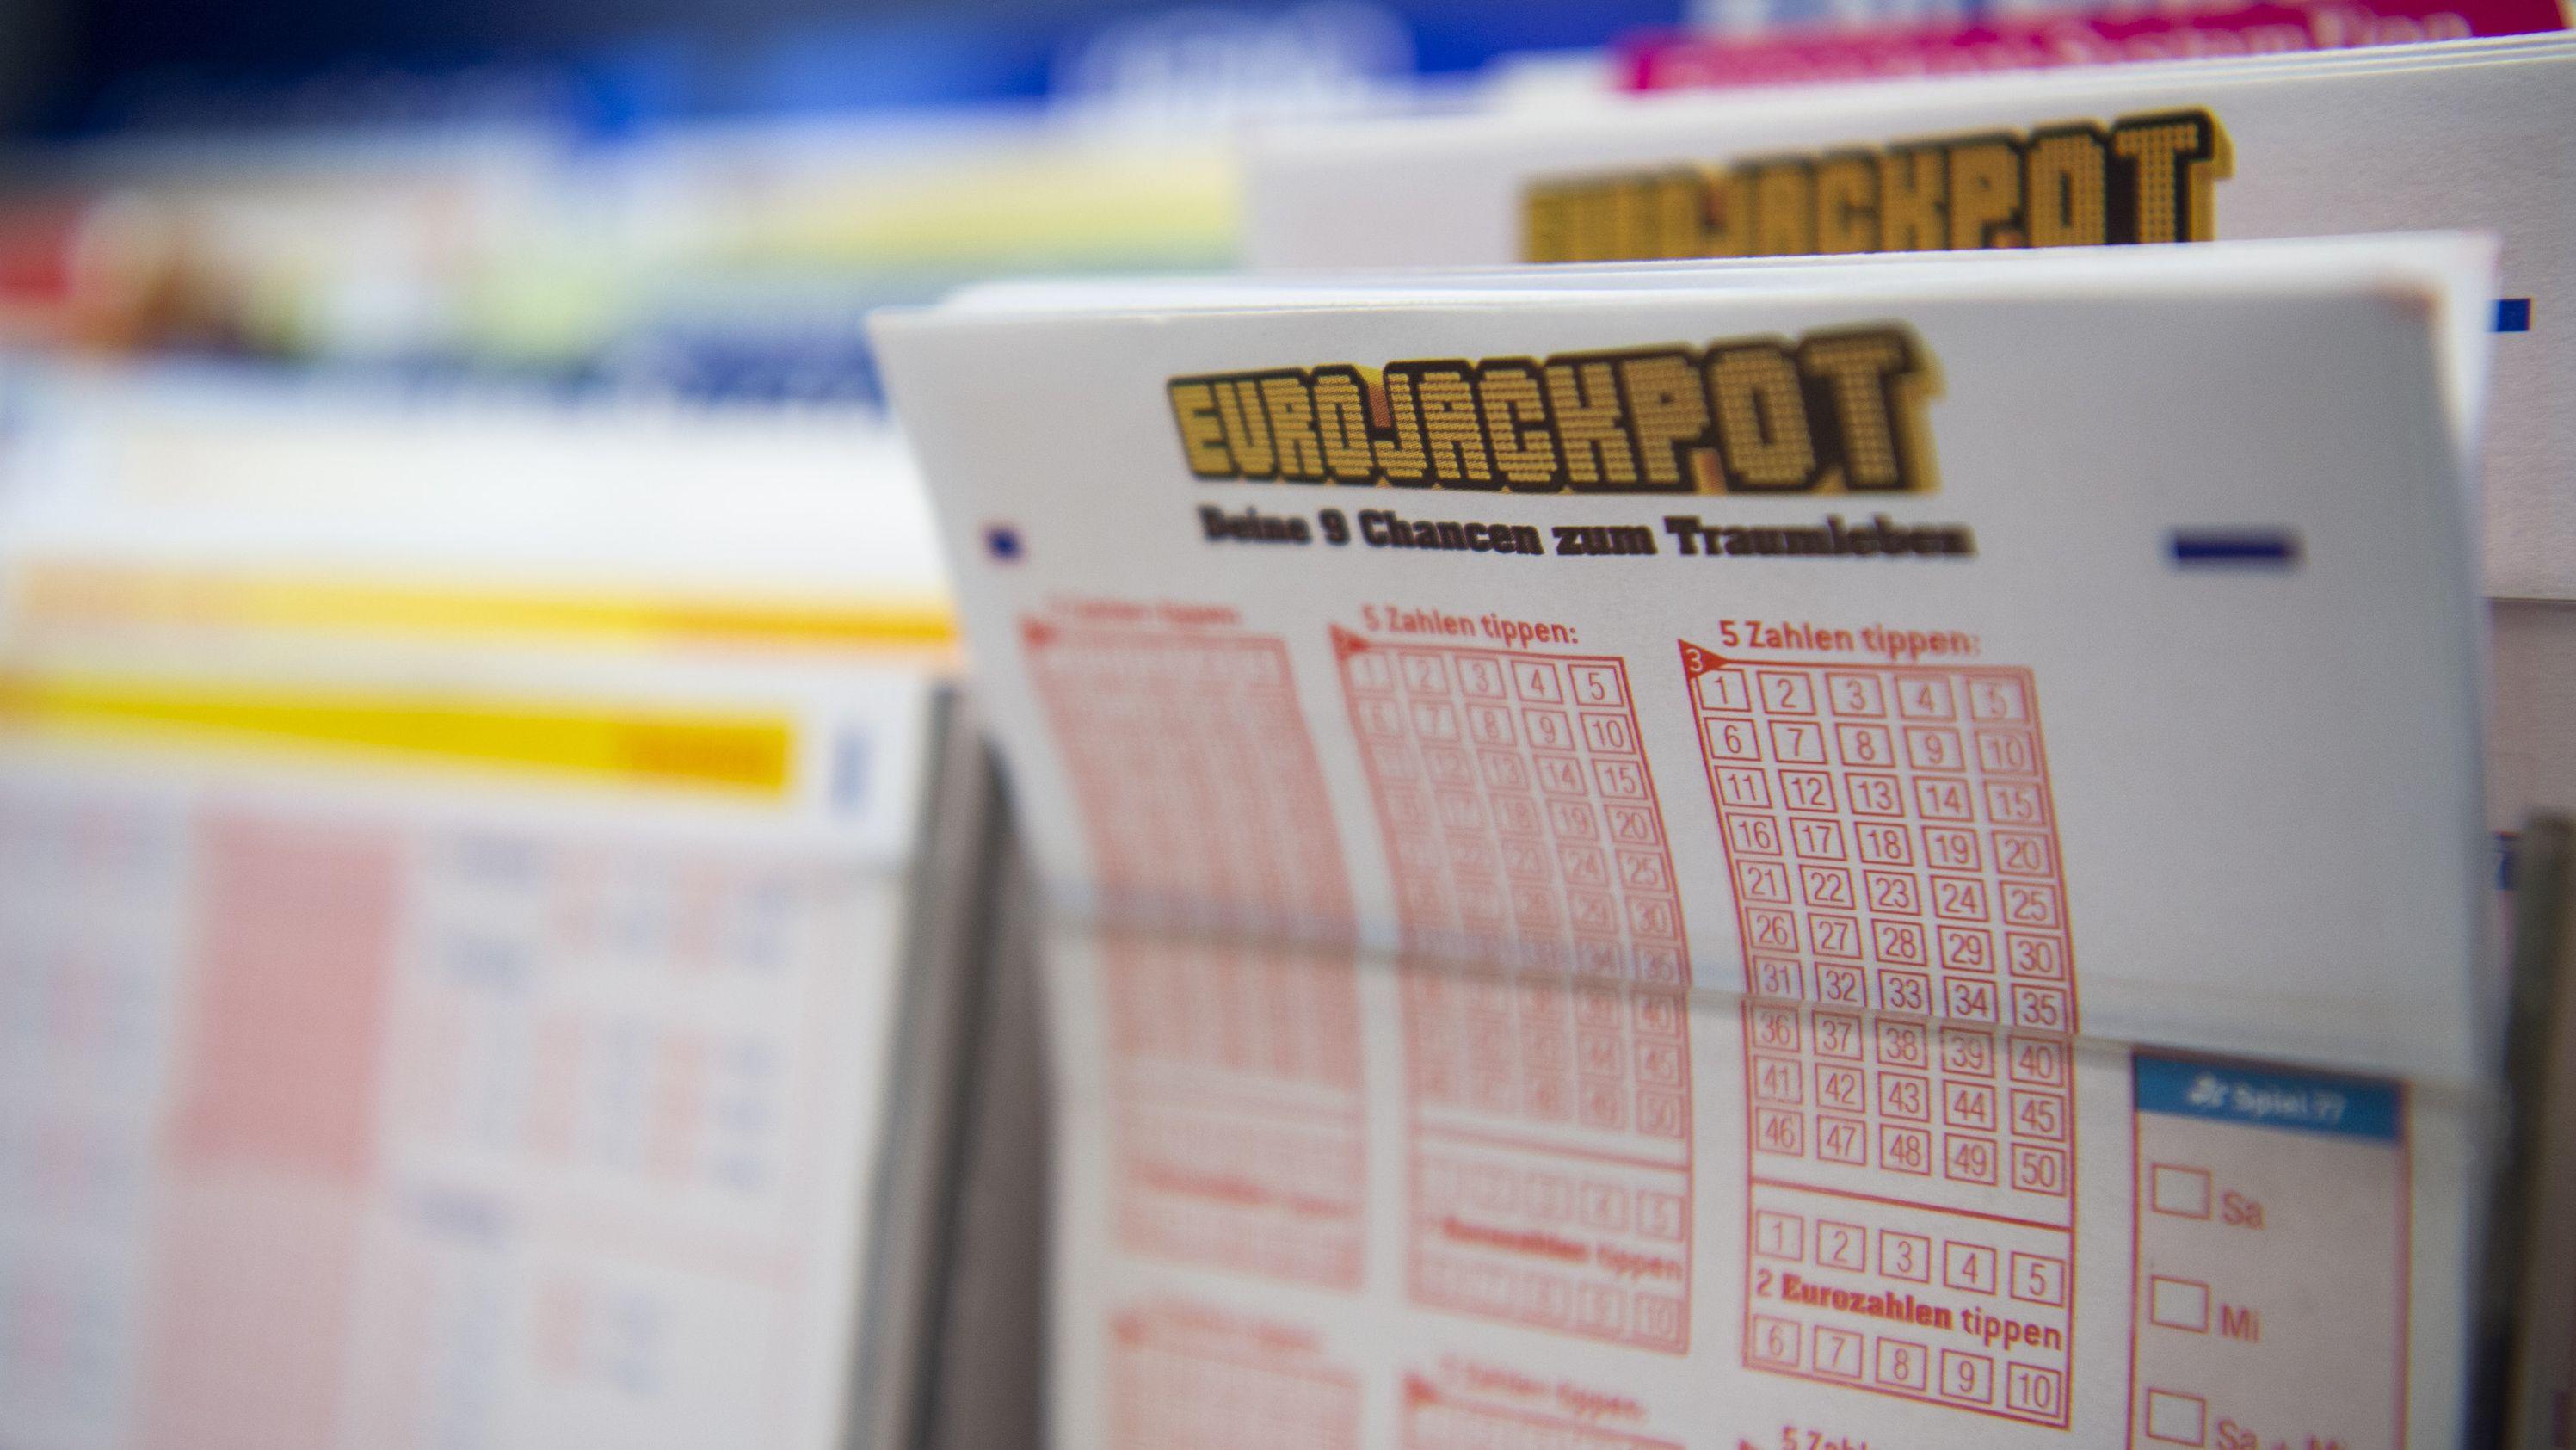 """In einem Kiosk liegen Lottoscheine des Spiels """"Eurojackpot""""."""